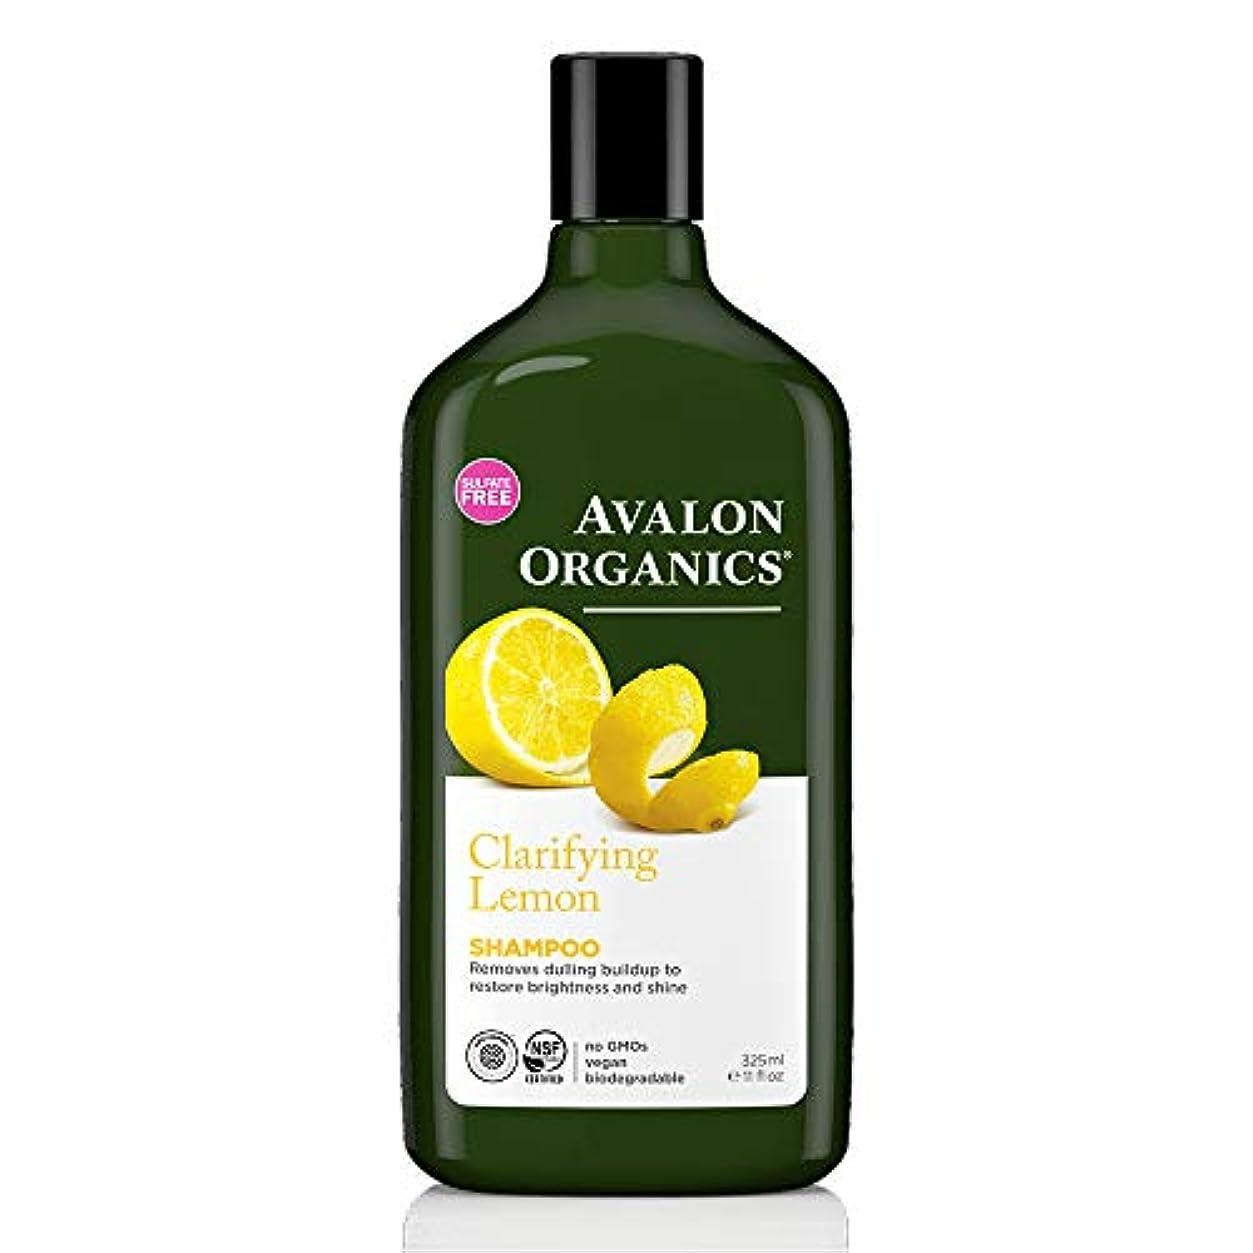 現金ストライプ極めて重要なAVALON ORGANICS アバロンオーガニクス シャンプー レモン 325ml